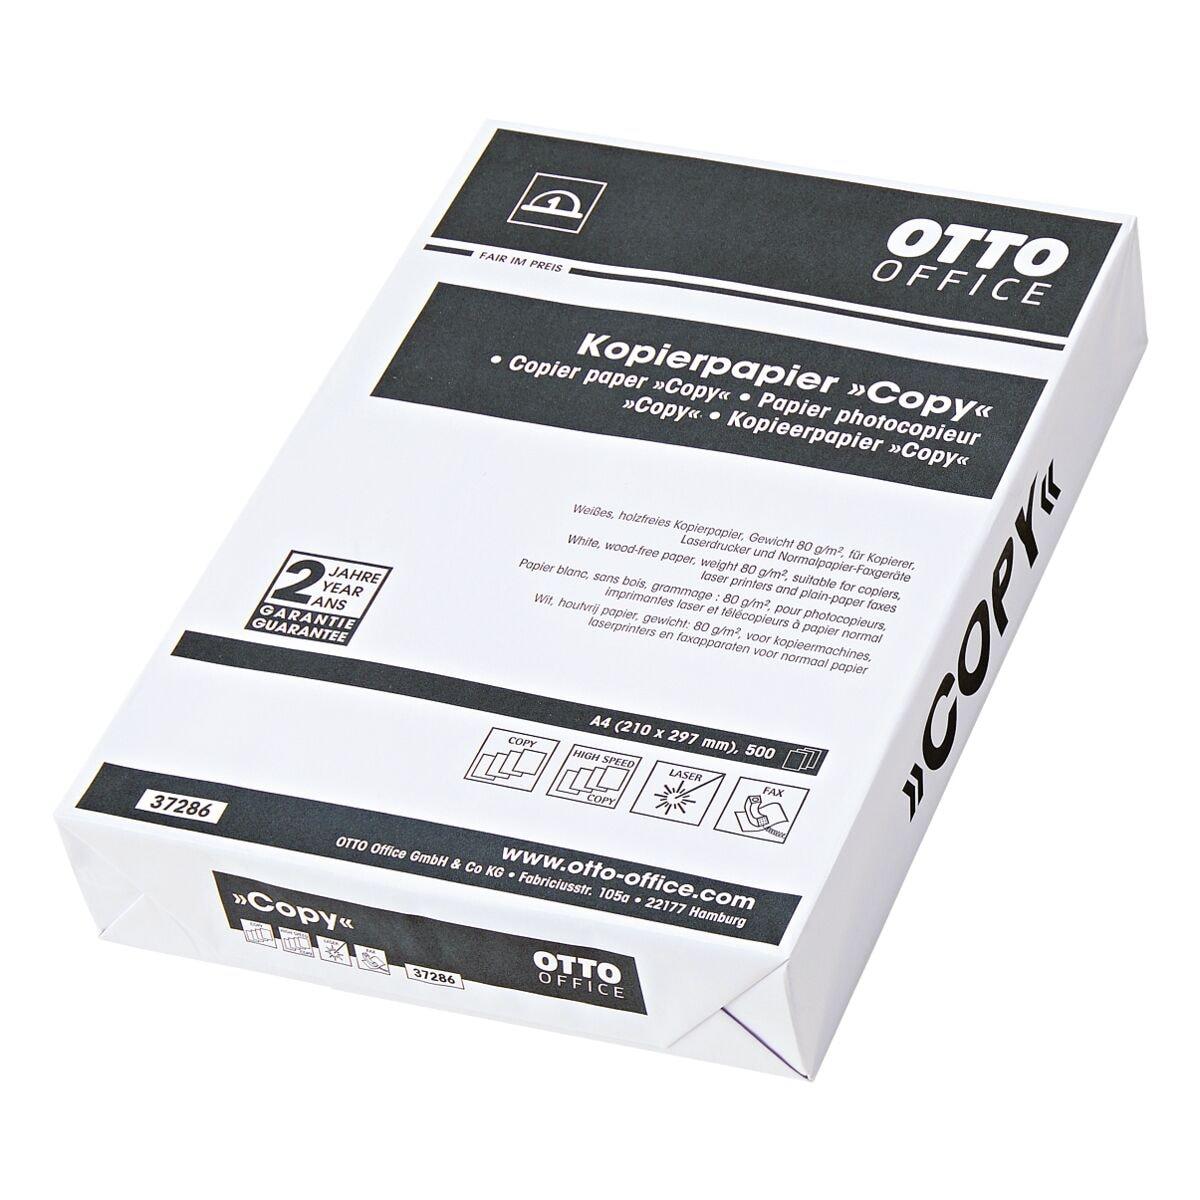 Kopierpapier A4 OTTO Office Budget COPY - 500 Blatt gesamt, 80g/qm